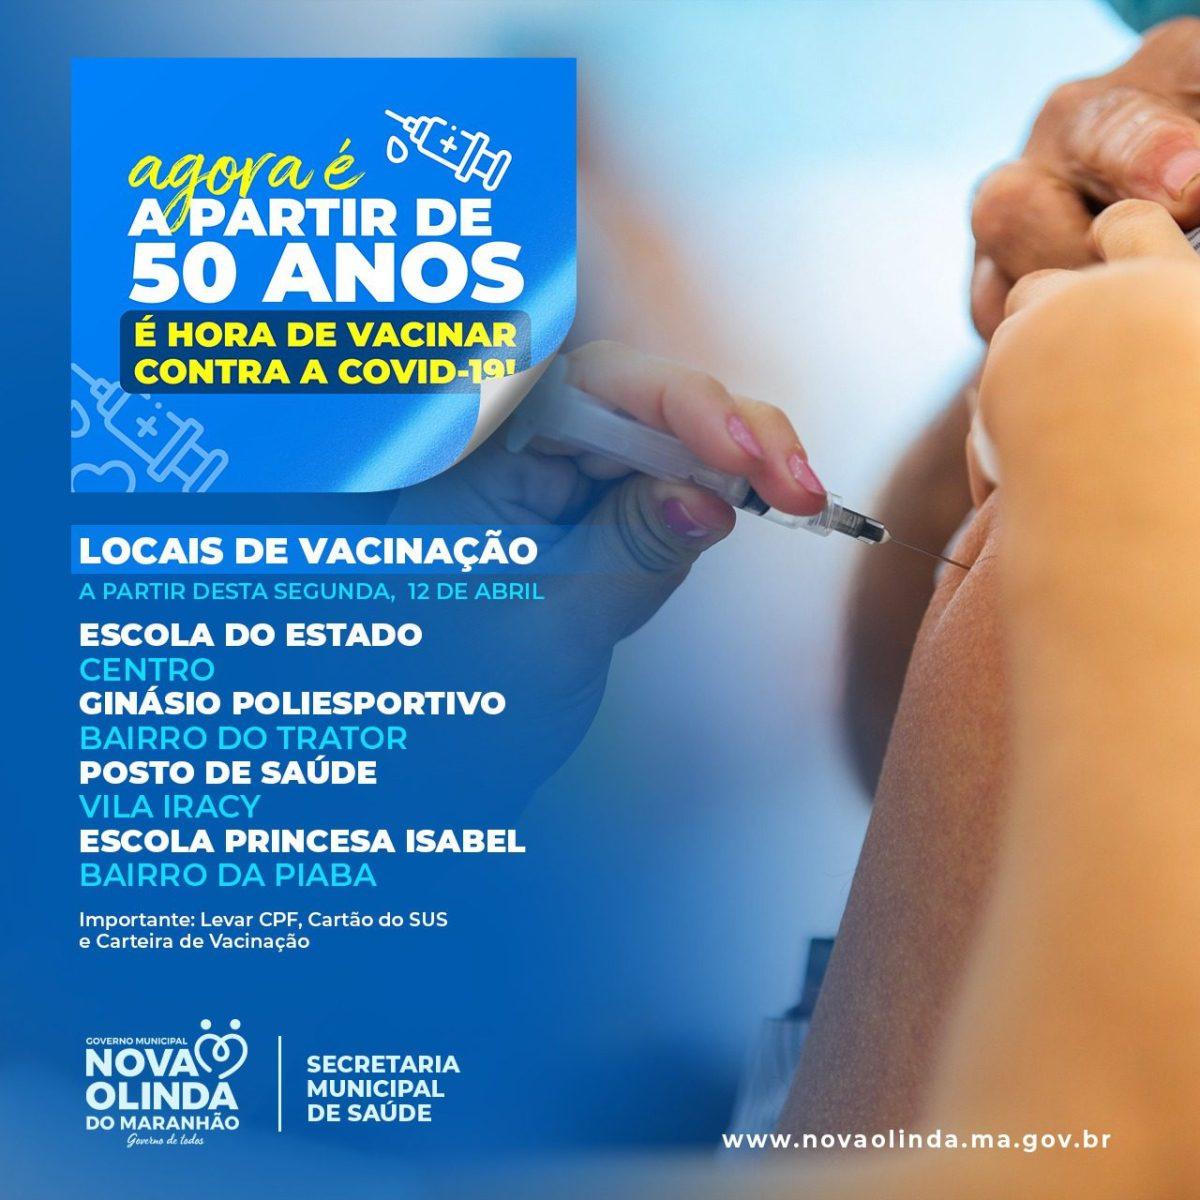 Atenção: Nova Olinda do MA inicia vacinação contra a COVID de pessoas a partir de 50 anos amanhã